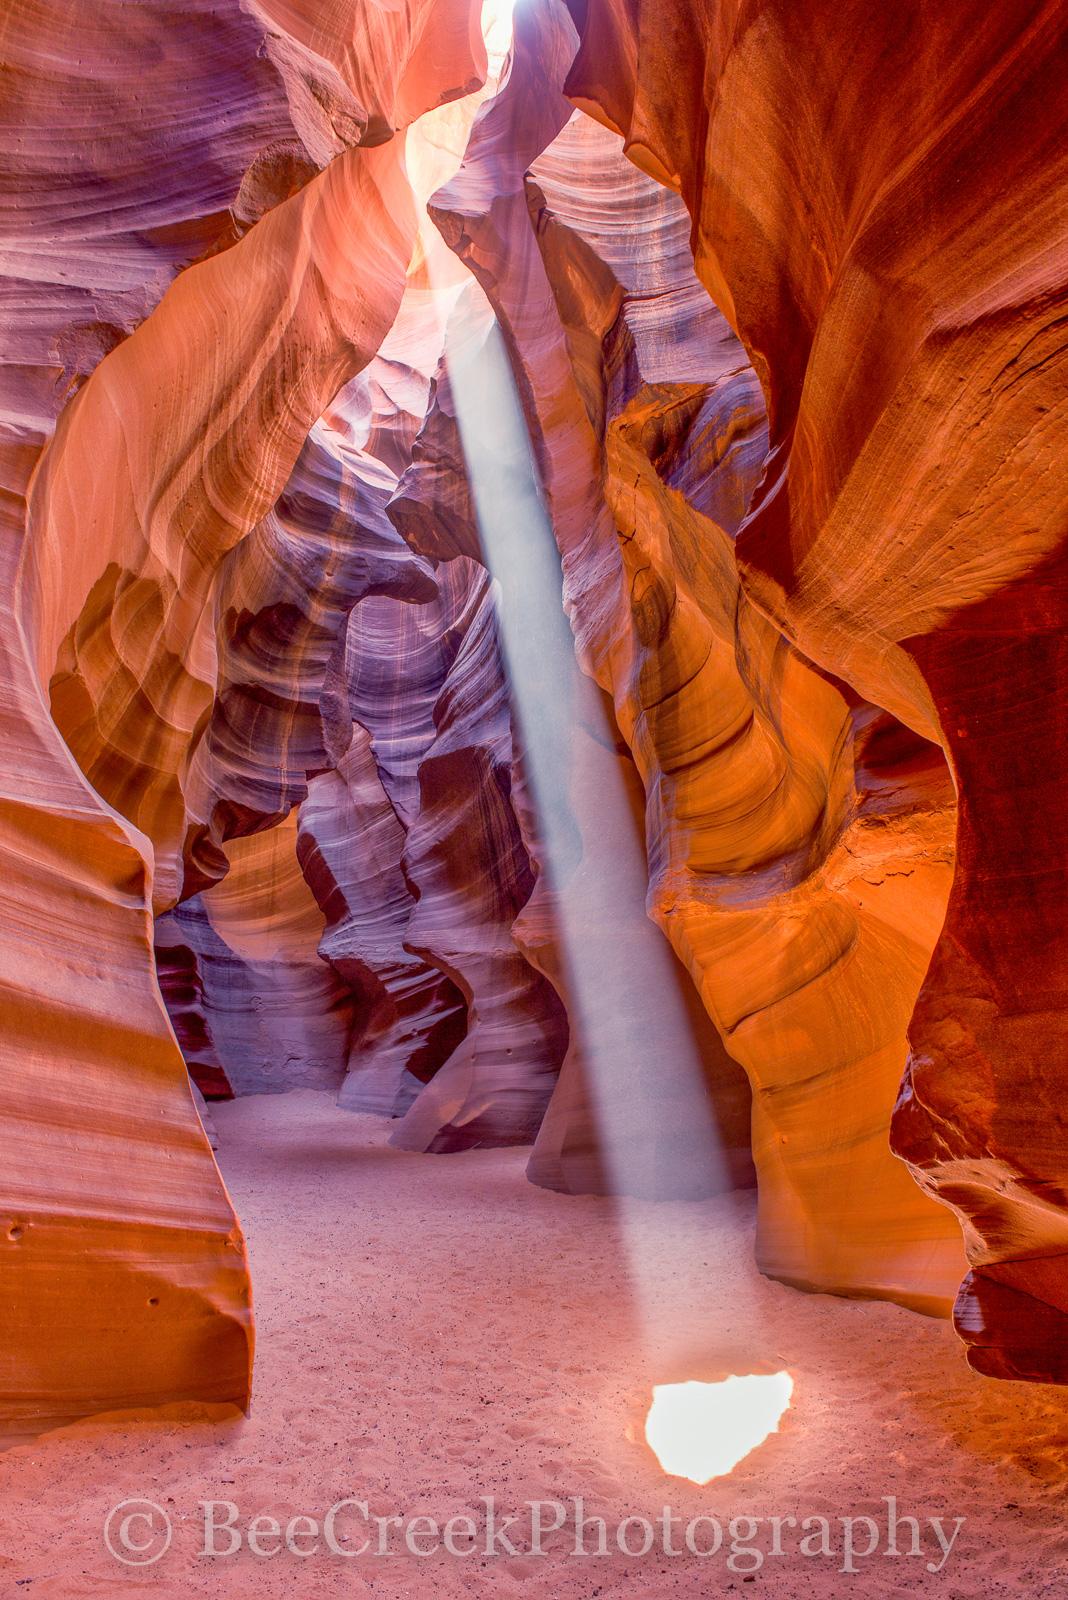 AZ, Page AZ, antelope canyon, desert southwest, image of antelope canyon, images of arizona, images of sloth canyons, landscape, landscapes, najavo, photos of arizona, pictures of arizona, sloth canyo, photo